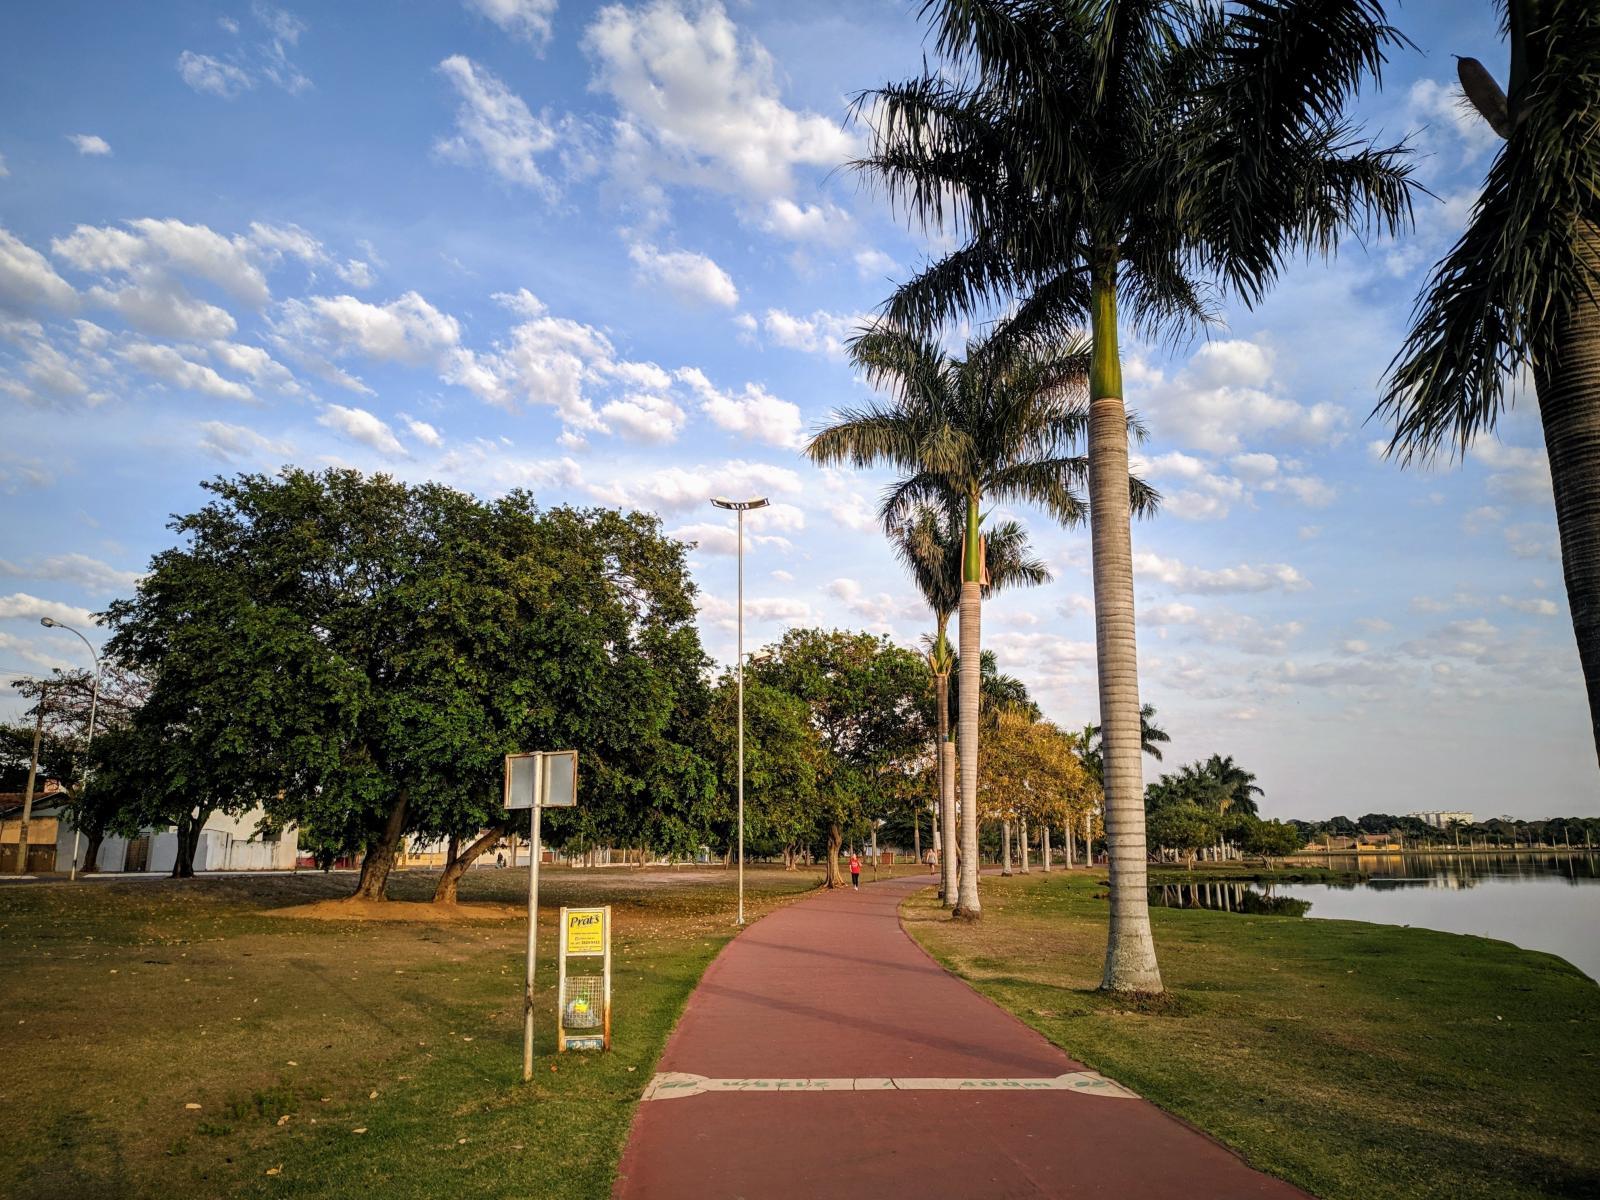 Em onda de calor, Três Lagoas (MS) deve registrar 40 ºC nesta quarta-feira (11)